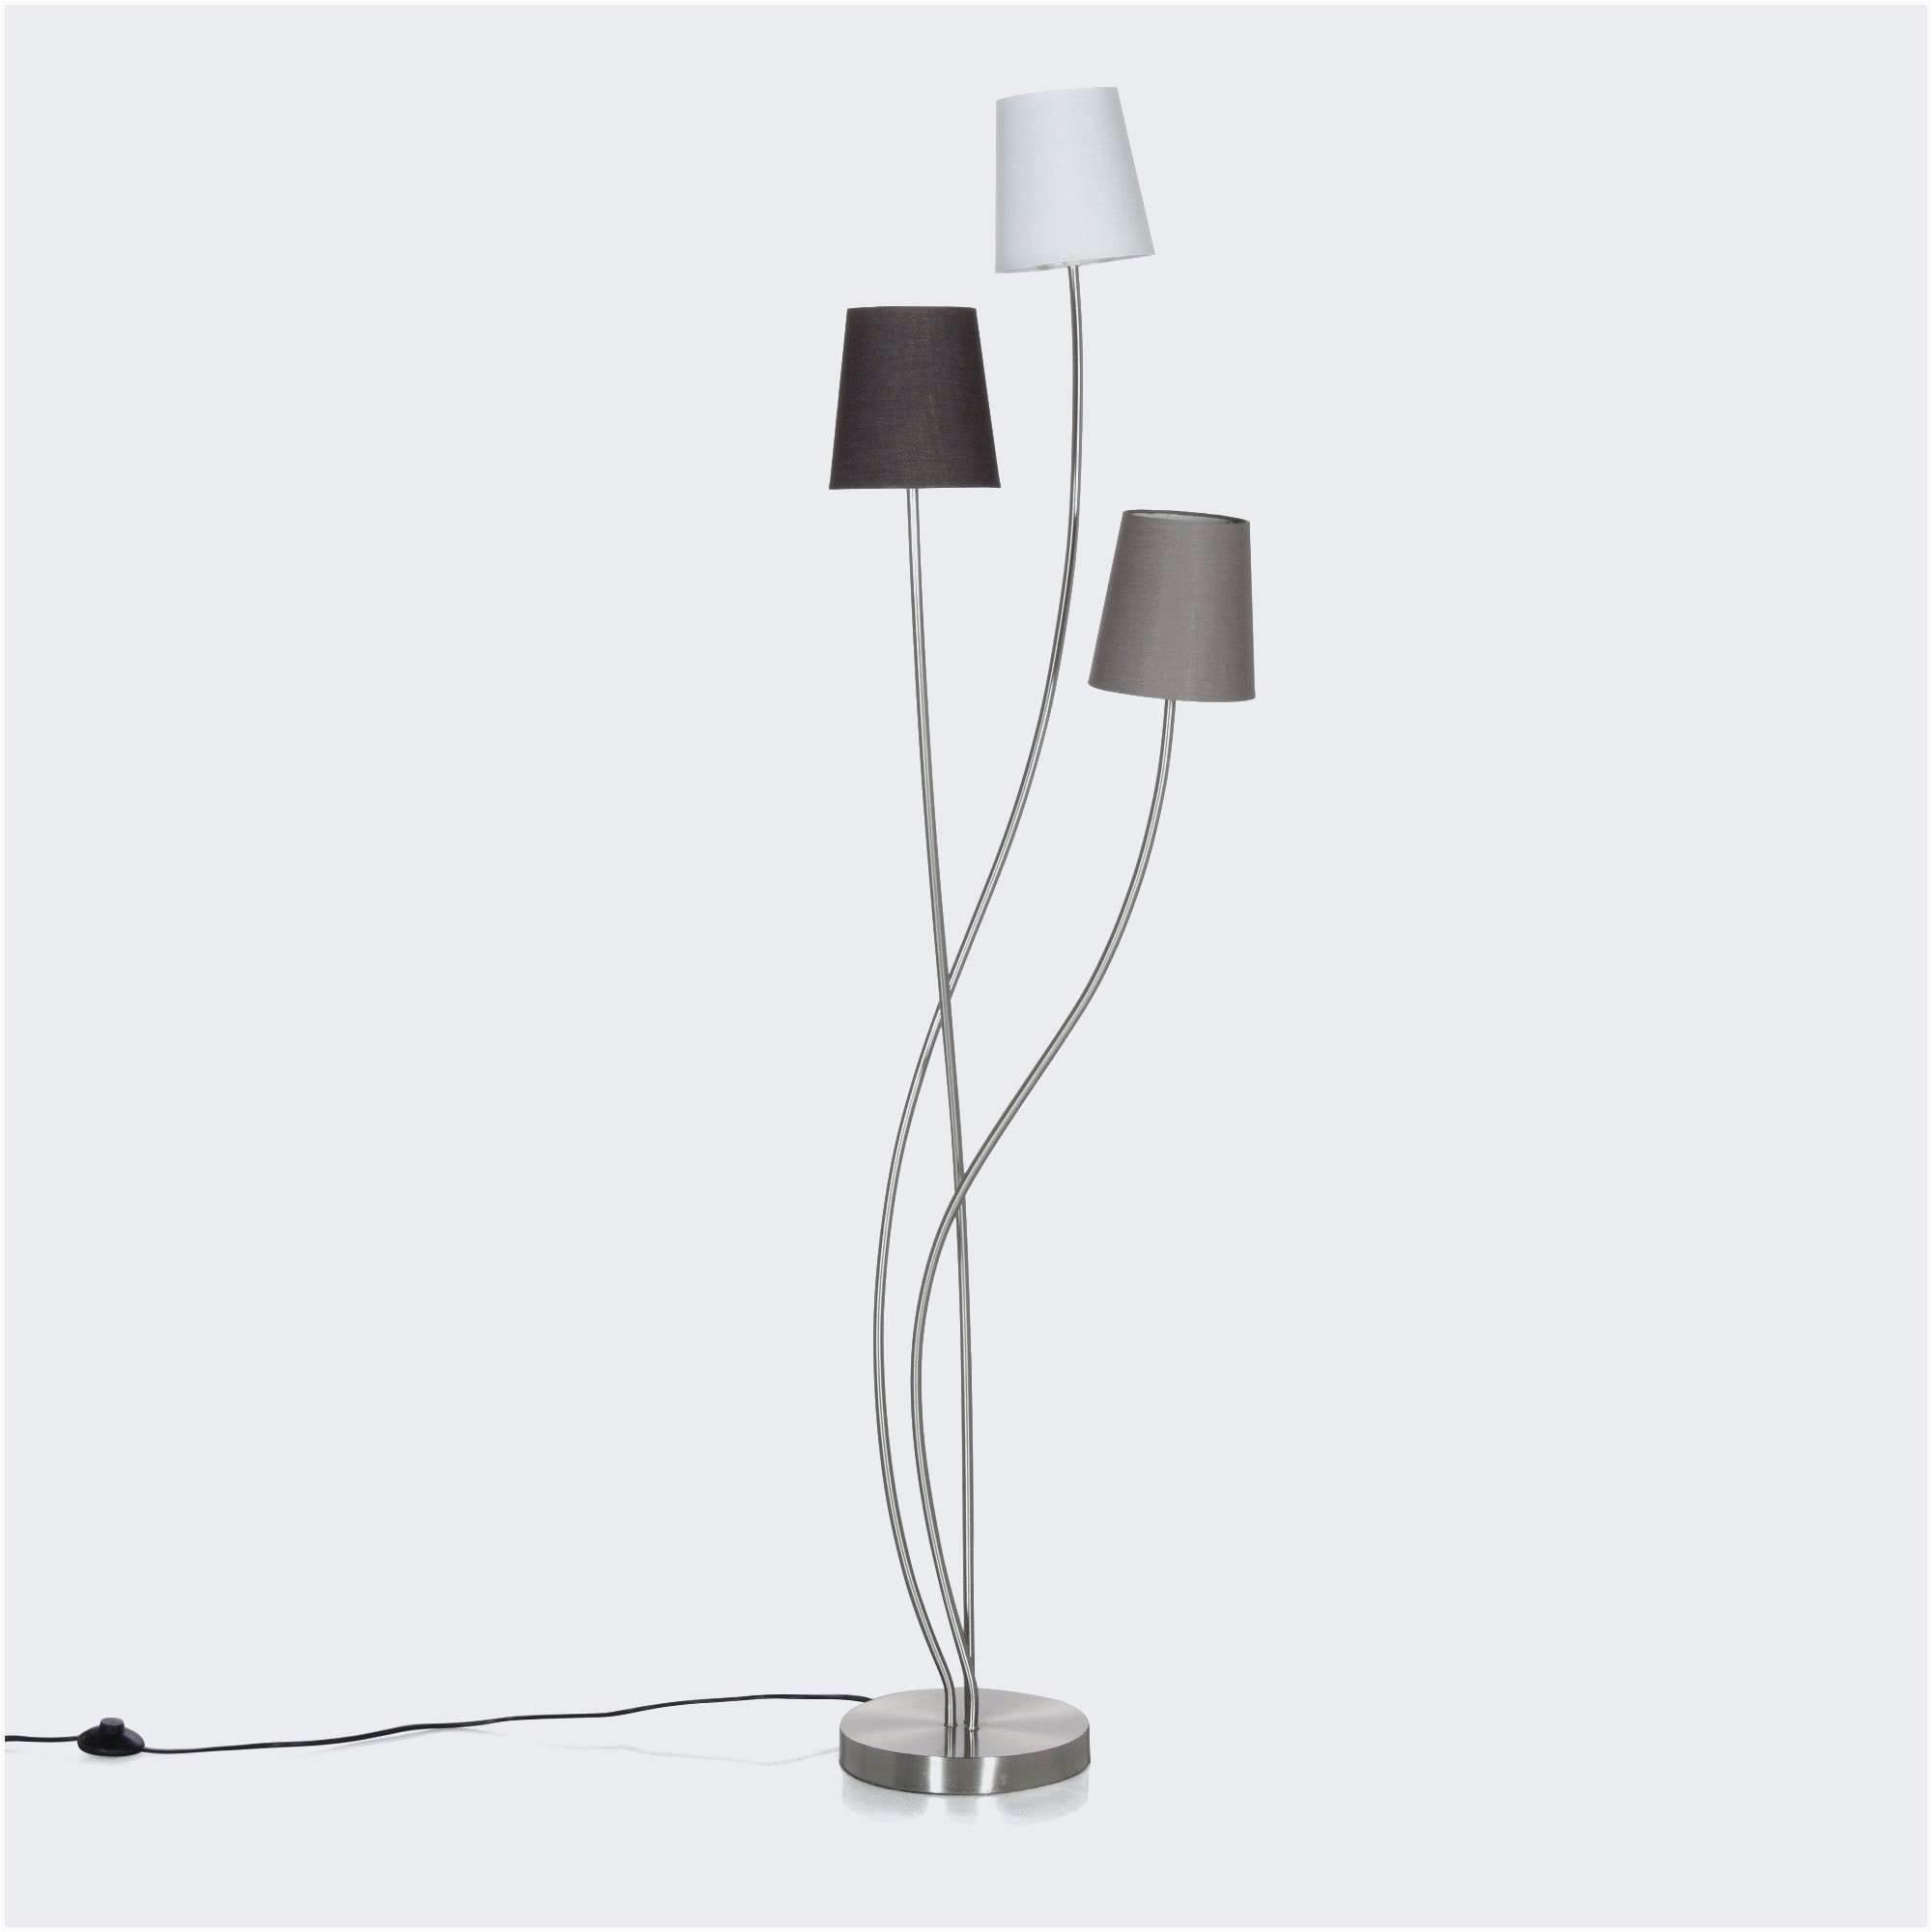 ikea wohnzimmer inspiration elegant 25 beste inspiration zu ikea wohnzimmer lampe der beste rat of ikea wohnzimmer inspiration